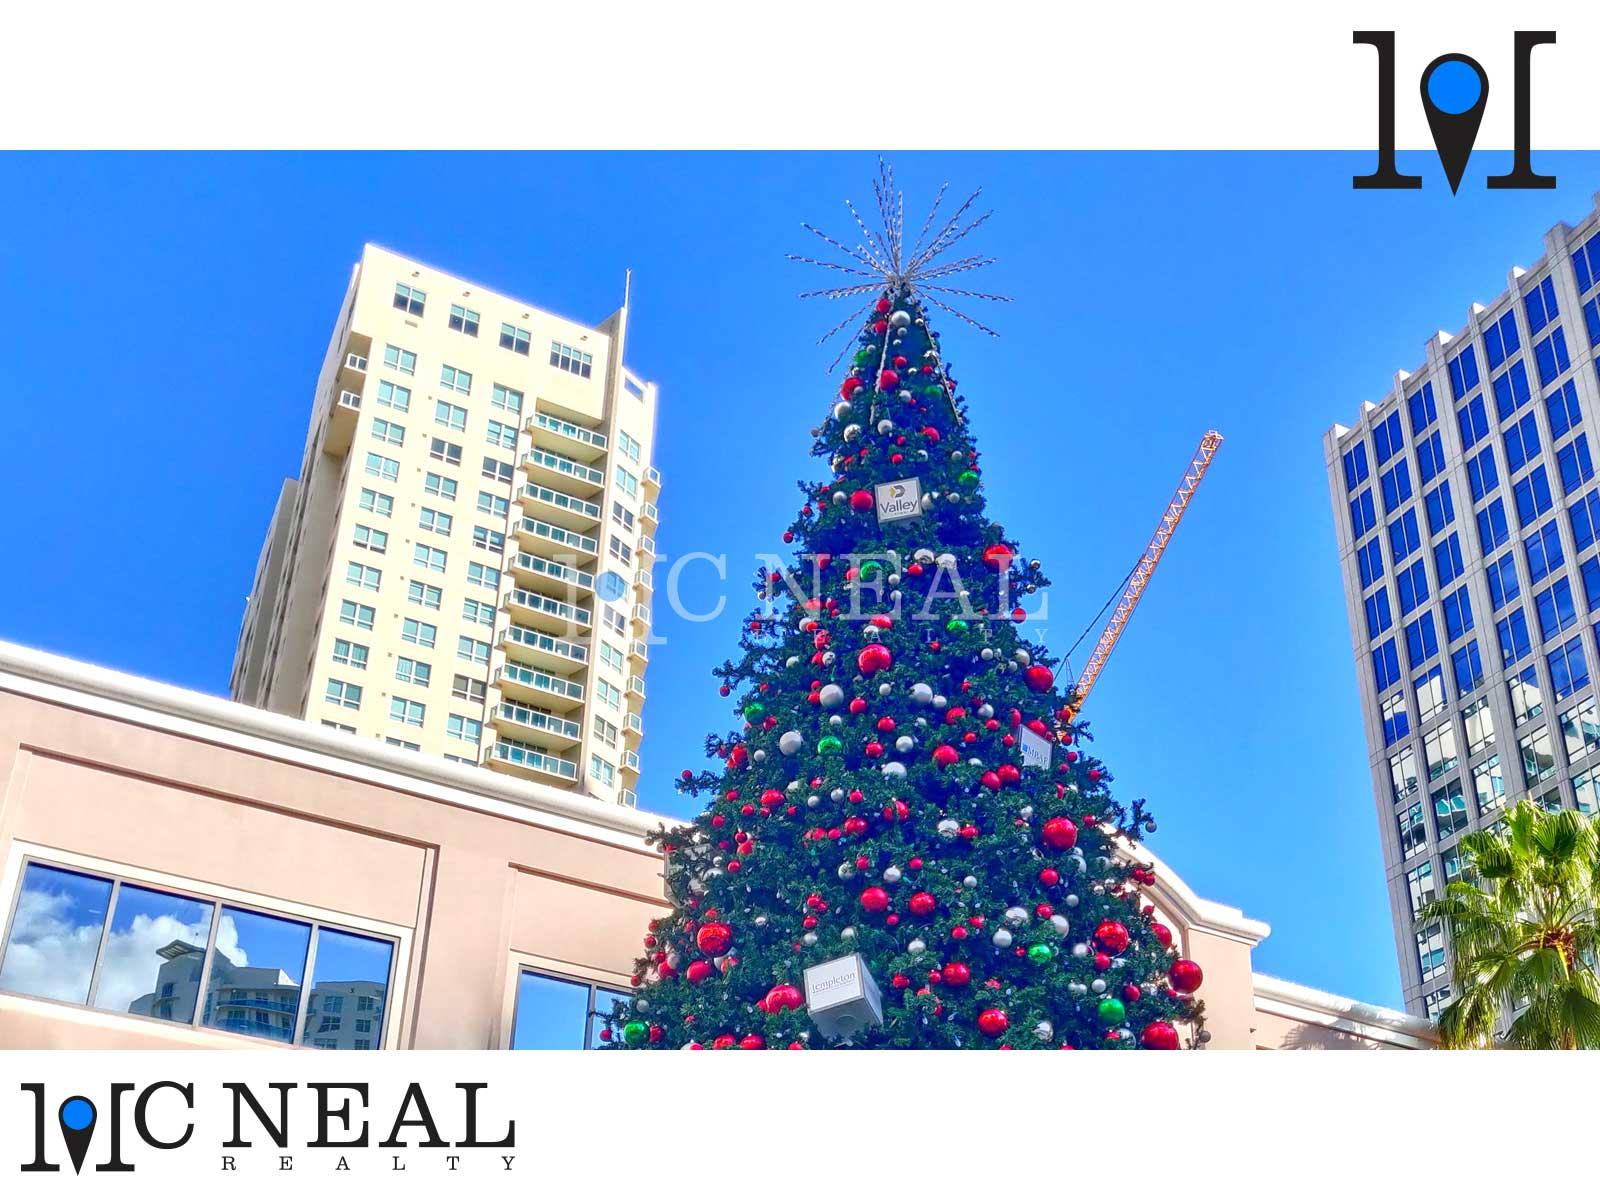 12 Days Of Christmas Las Olas image 02